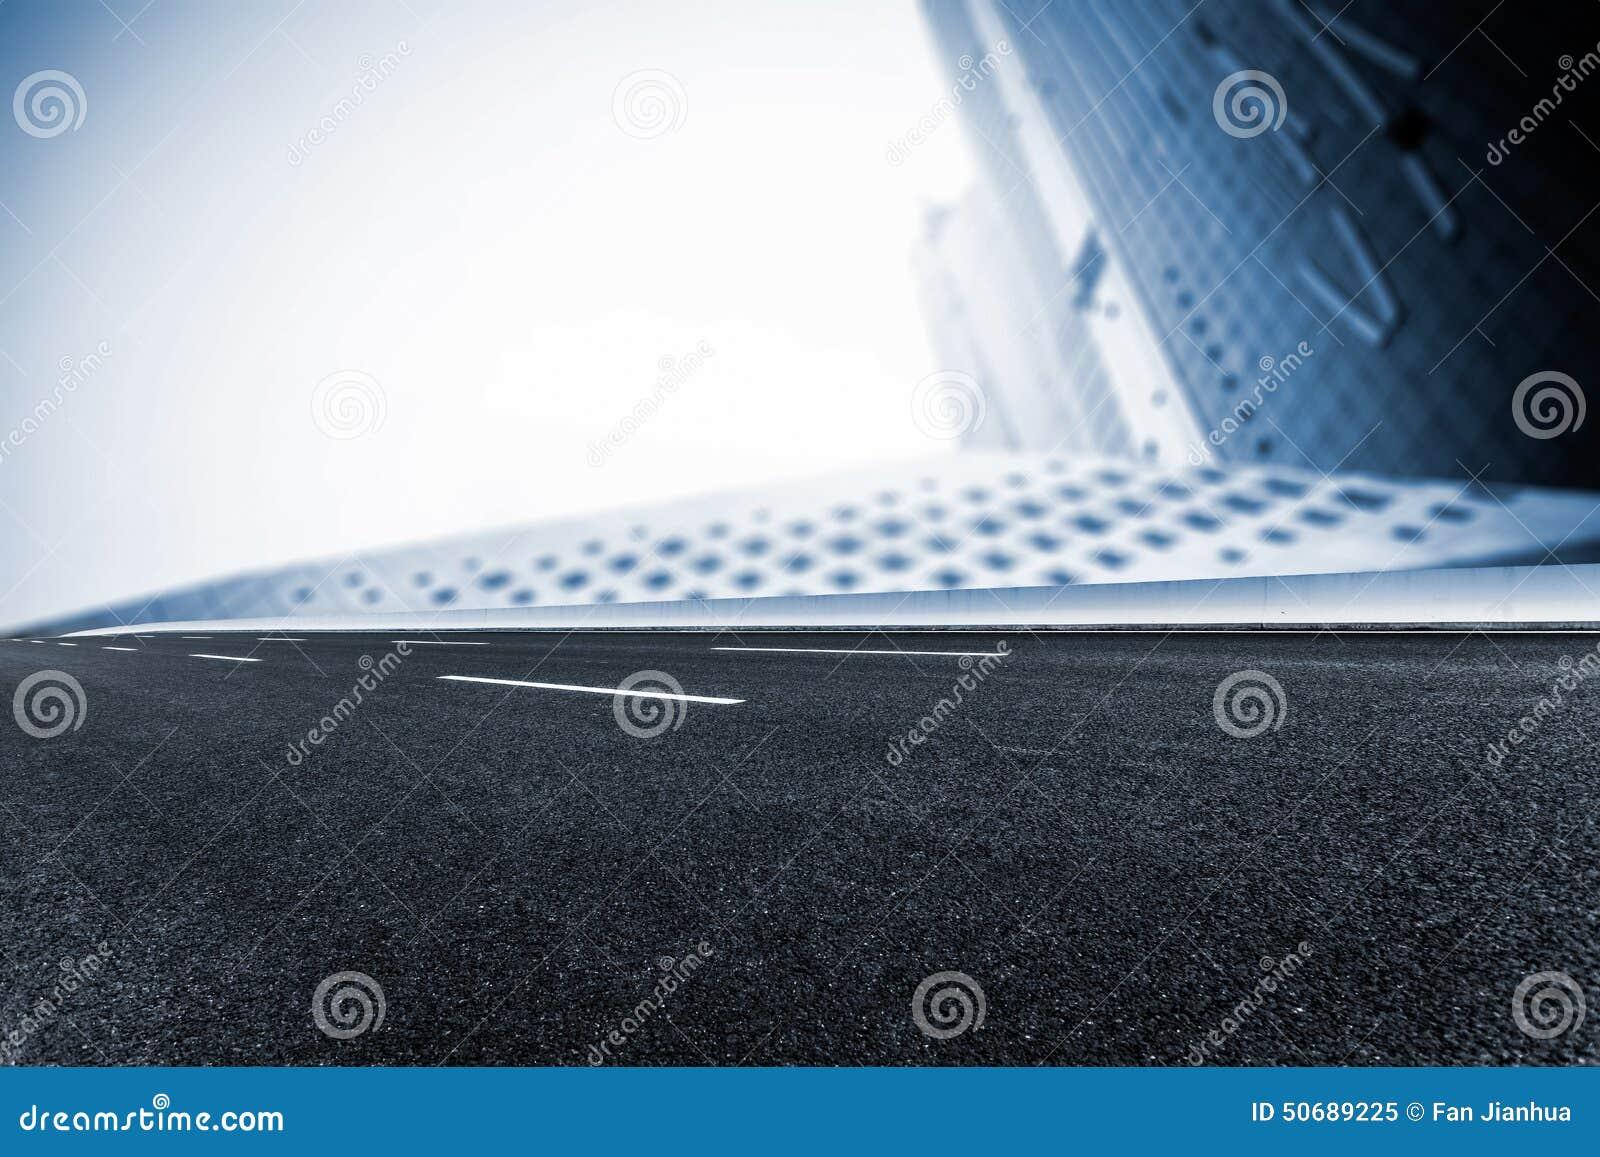 Download 现代化城市道路的背景 库存图片. 图片 包括有 的treadled, 标号, 迅速, 业务量, 符号, 堵塞 - 50689225